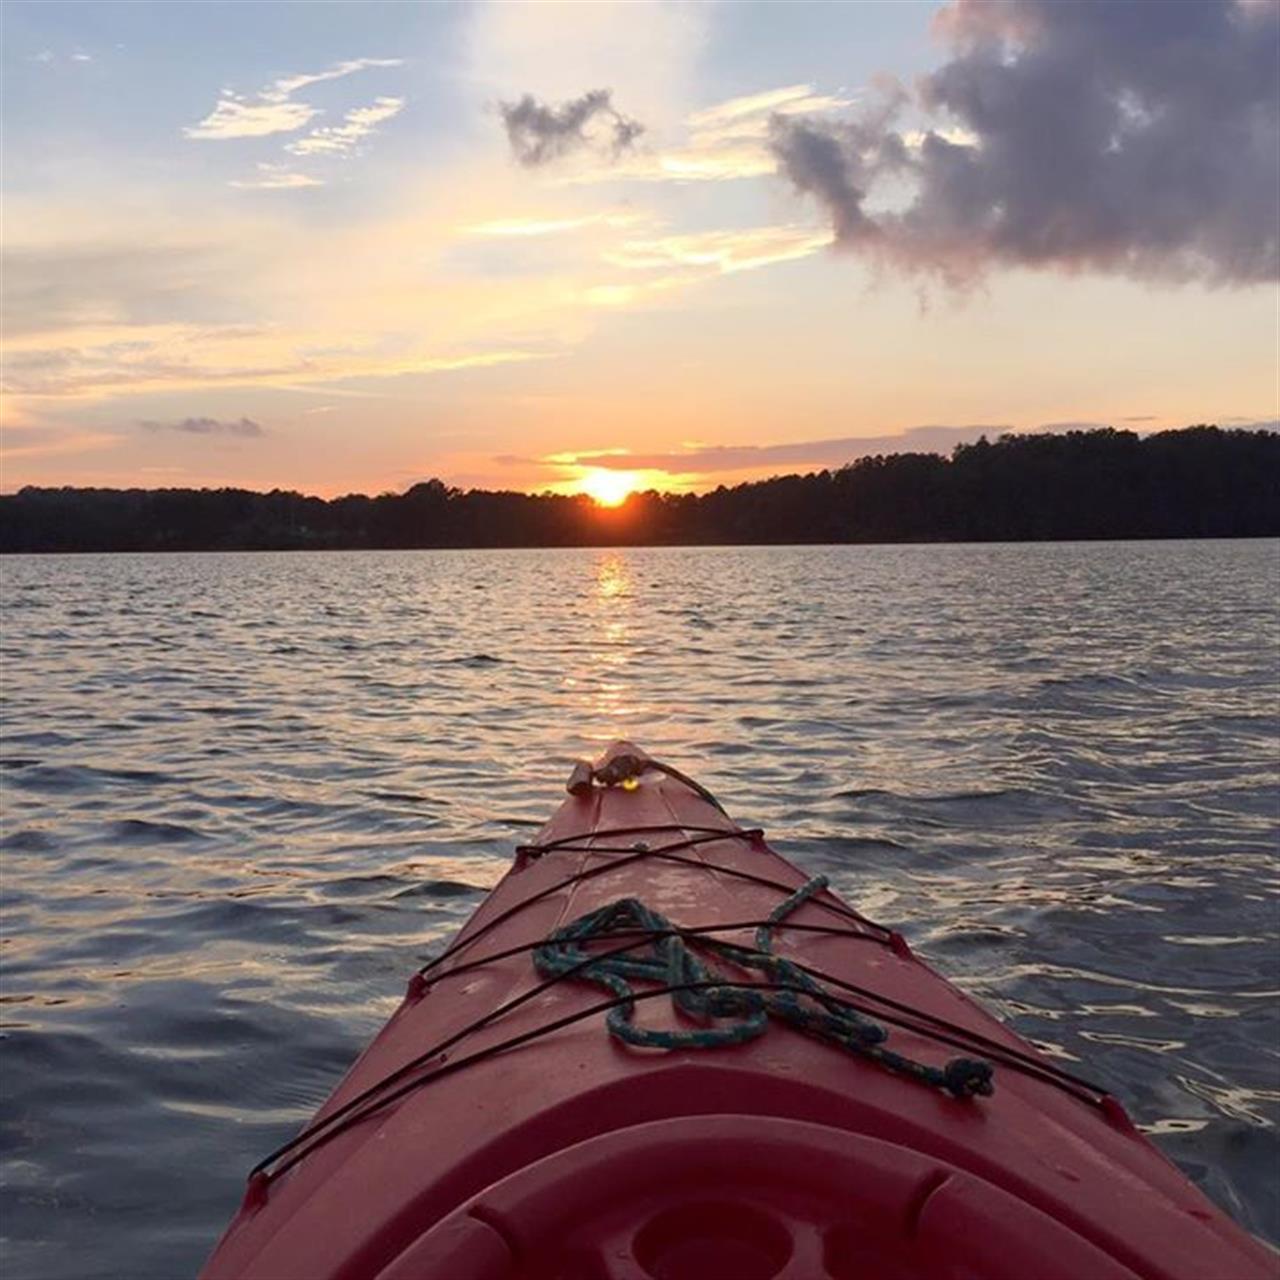 Lake Lanier at sunset